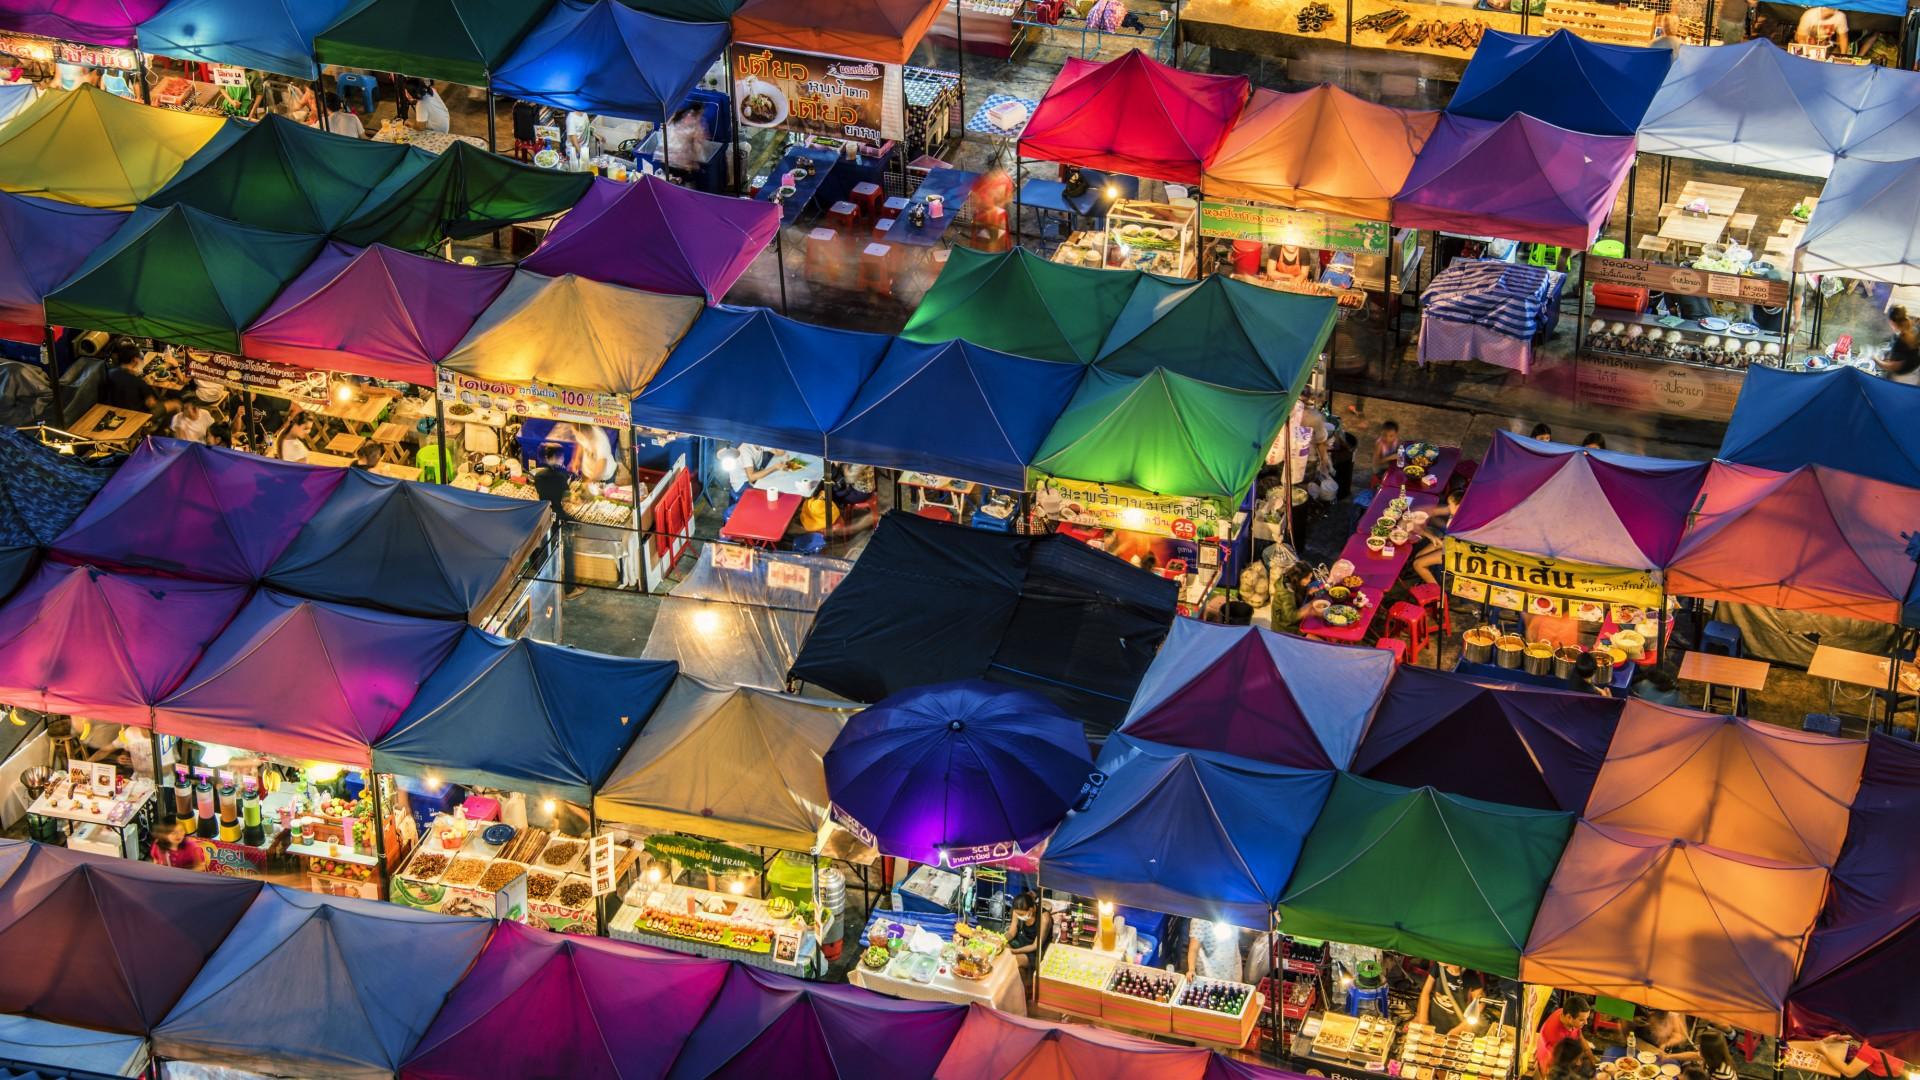 Chatuchak Market, Thailand